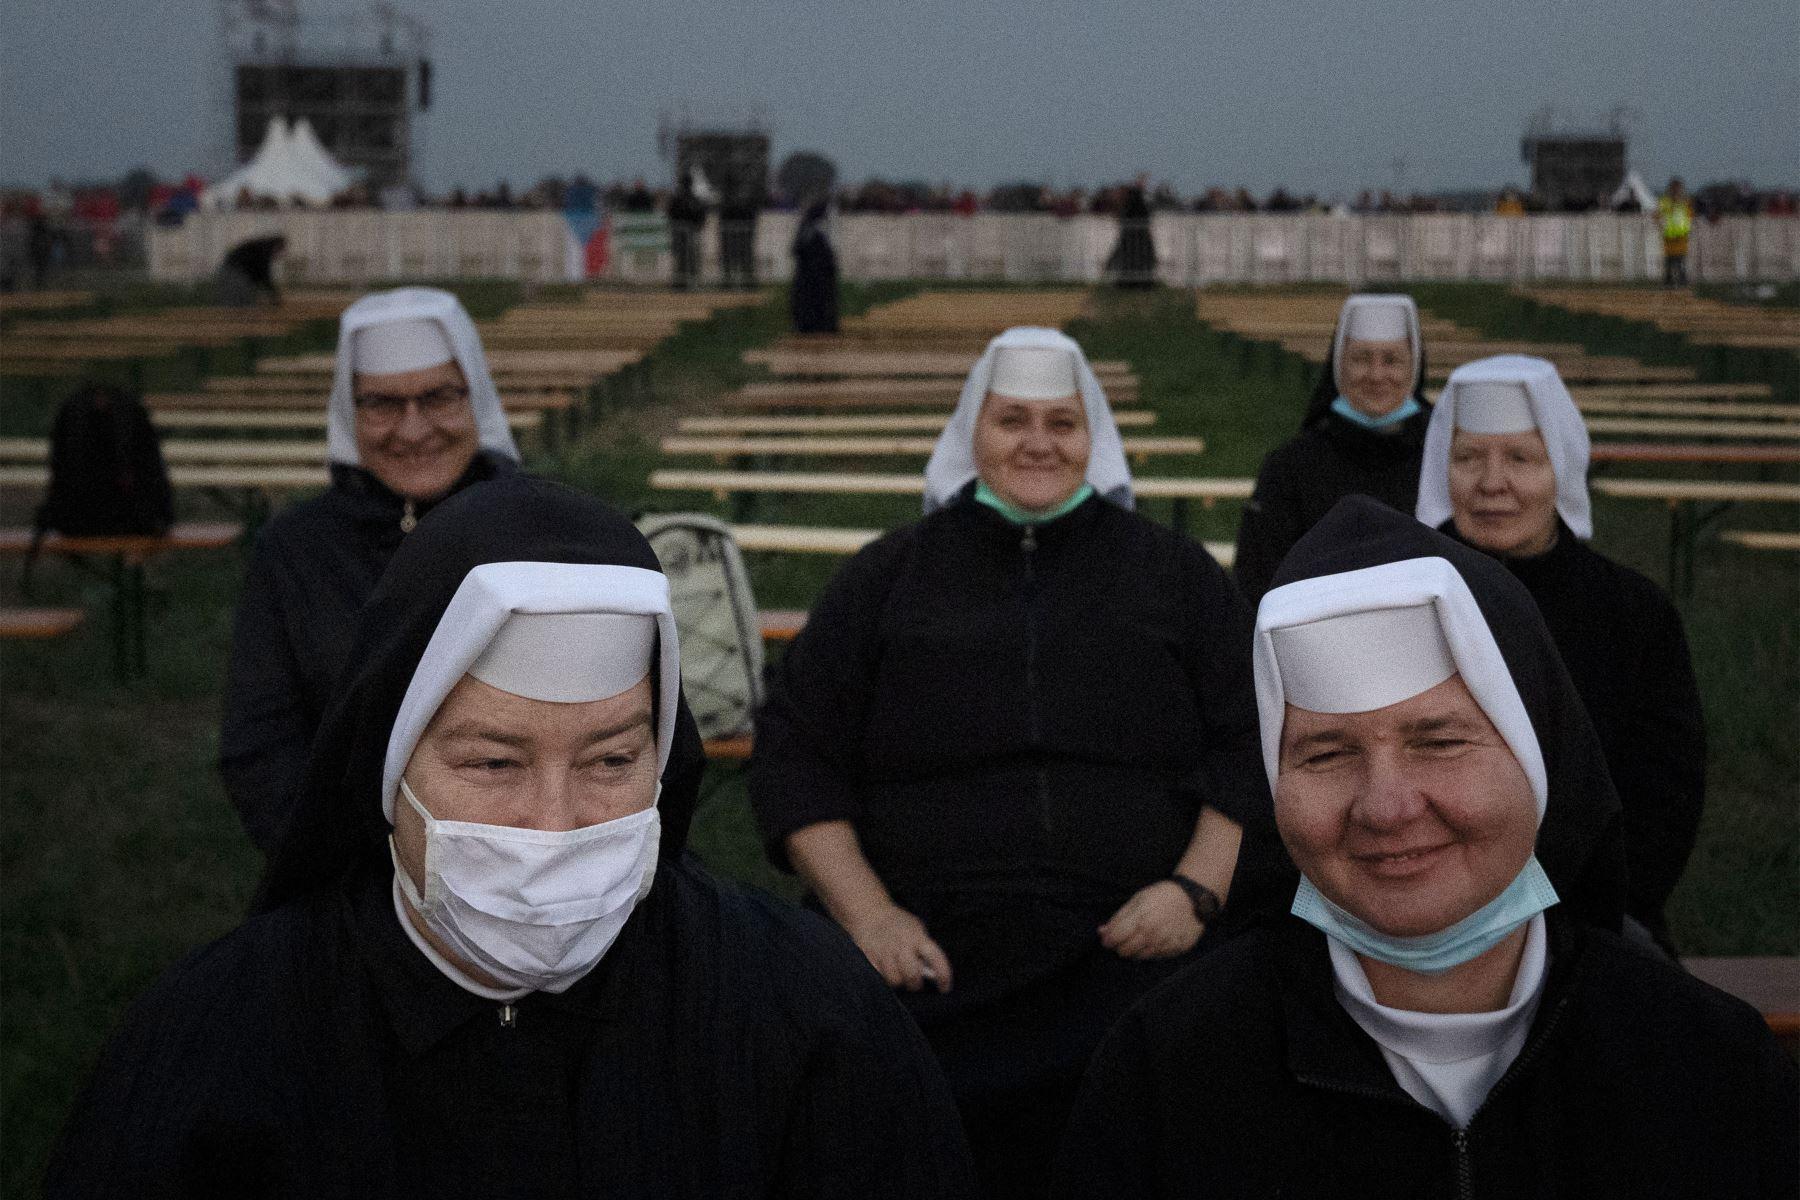 Las monjas esperan temprano en la mañana en el lugar de la Santa Misa al aire libre que celebrará el Papa Francisco en el Santuario Nacional en Sastin-Straze, a unos 70 km al norte de la capital eslovaca, Bratislava. Foto: AFP